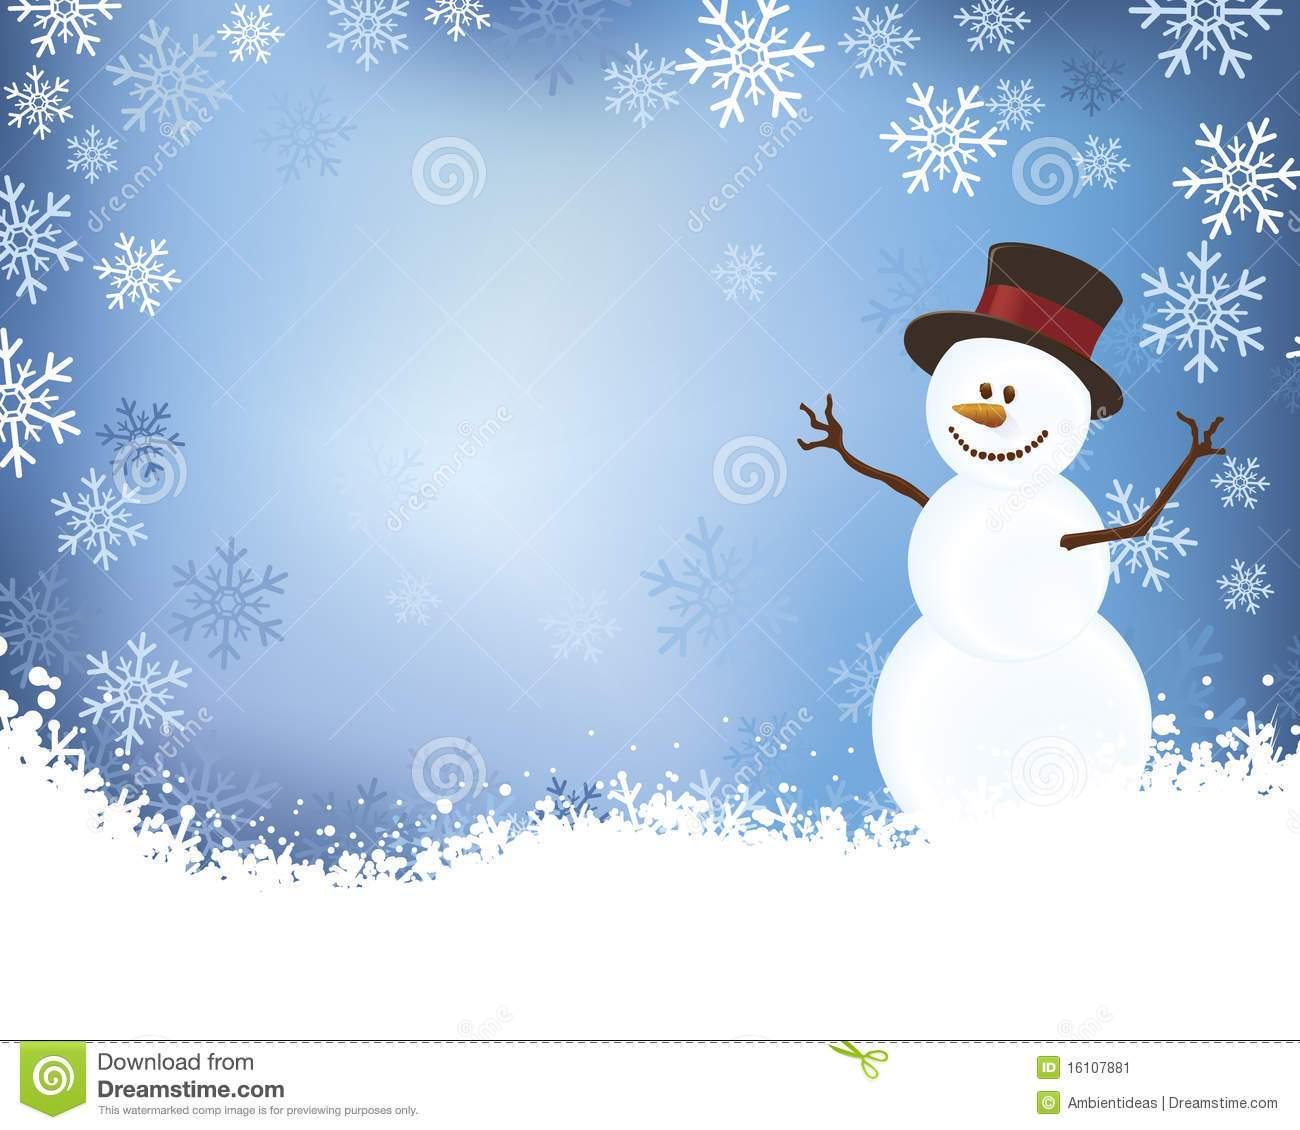 Snow scene clipart free 2 » Clipart Portal.